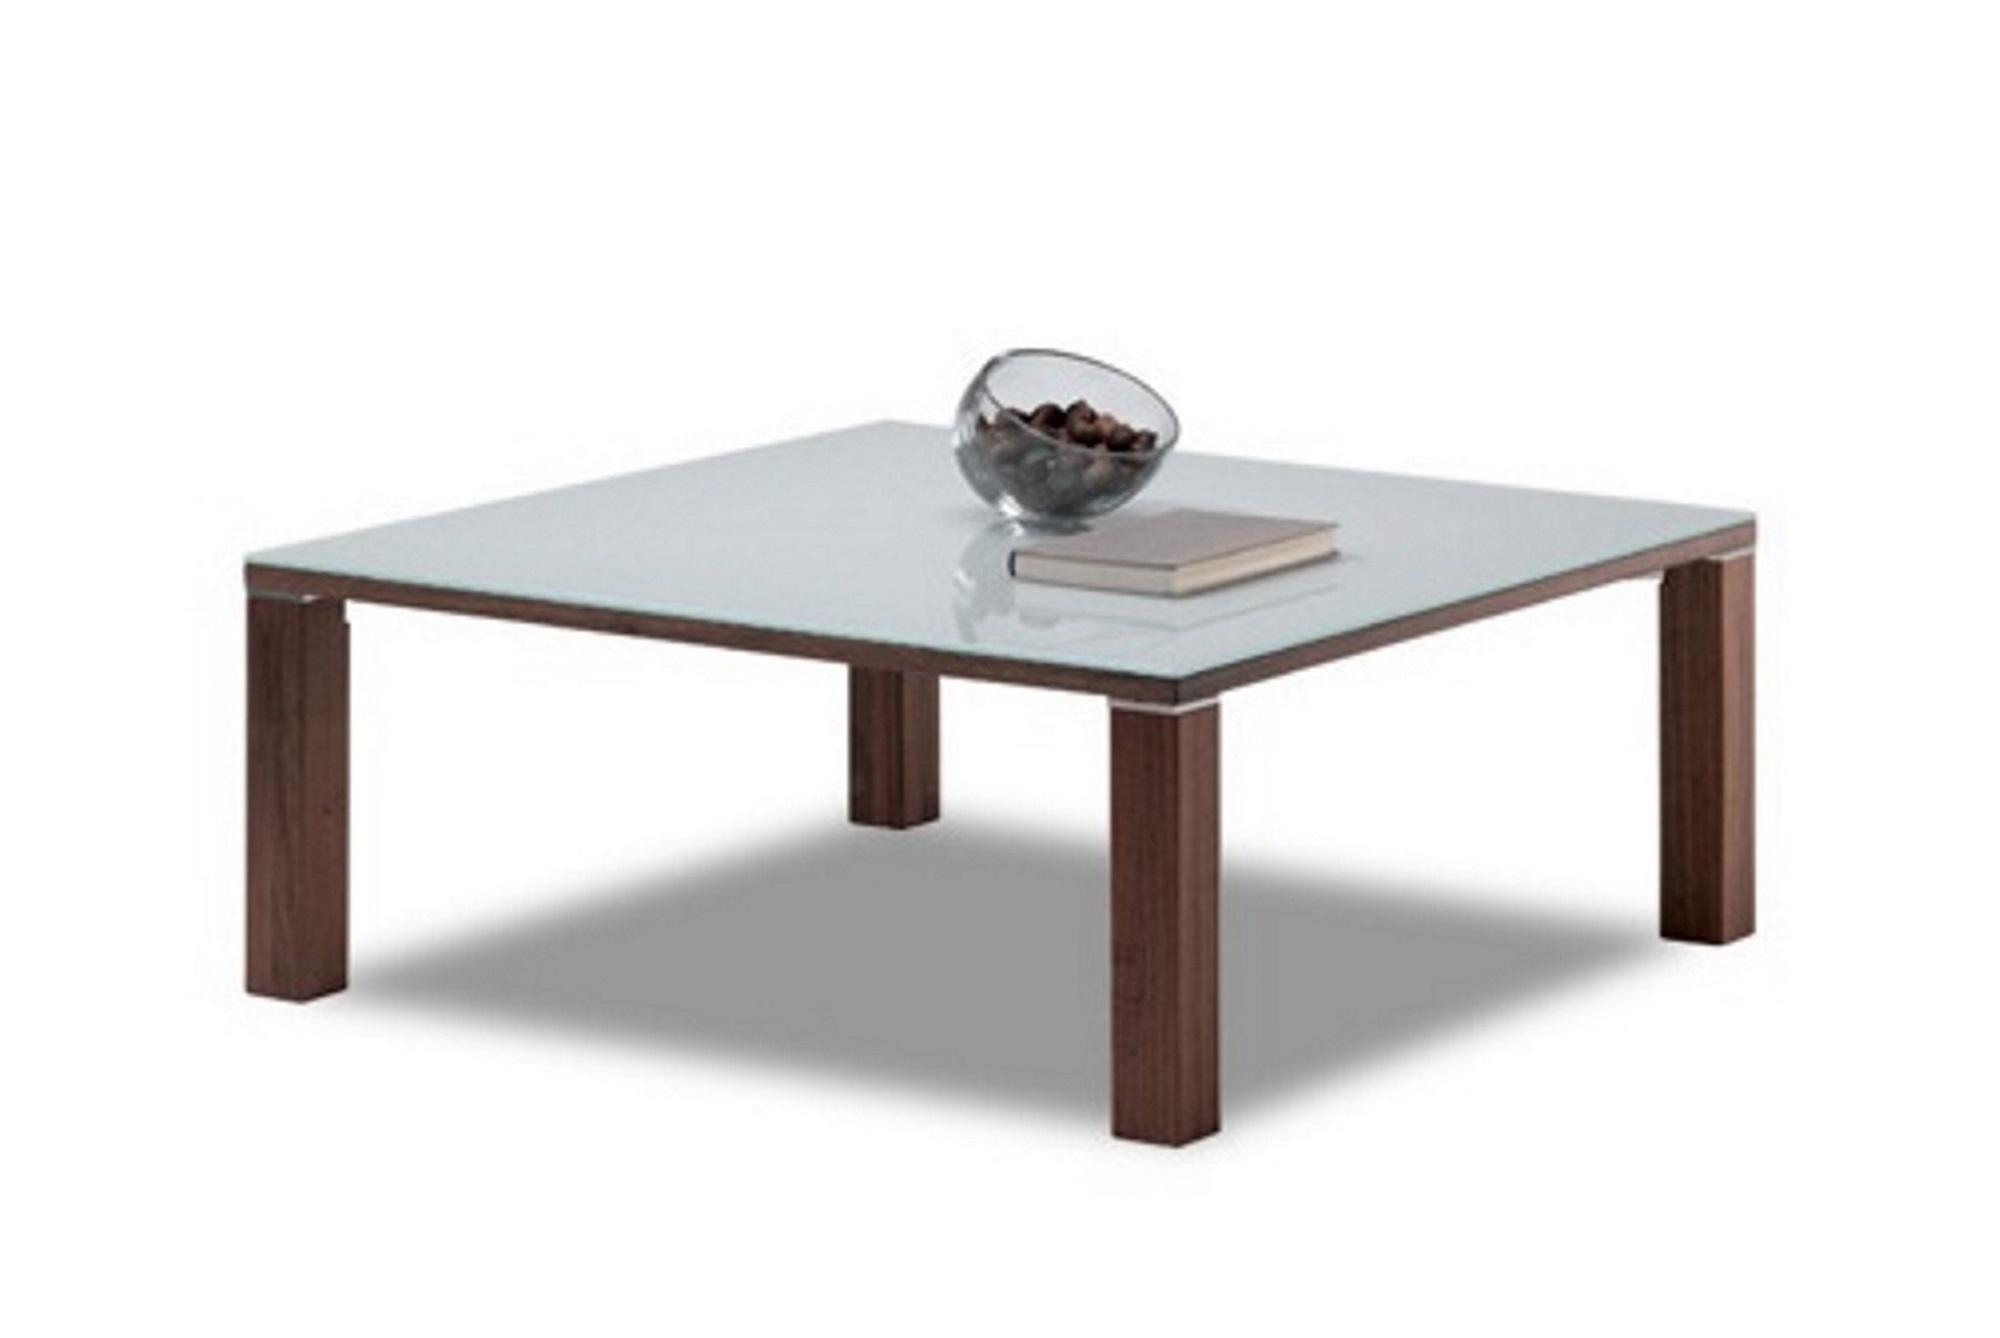 couchtisch cubus in nussbaum mit glasplatte biom bel bonn. Black Bedroom Furniture Sets. Home Design Ideas